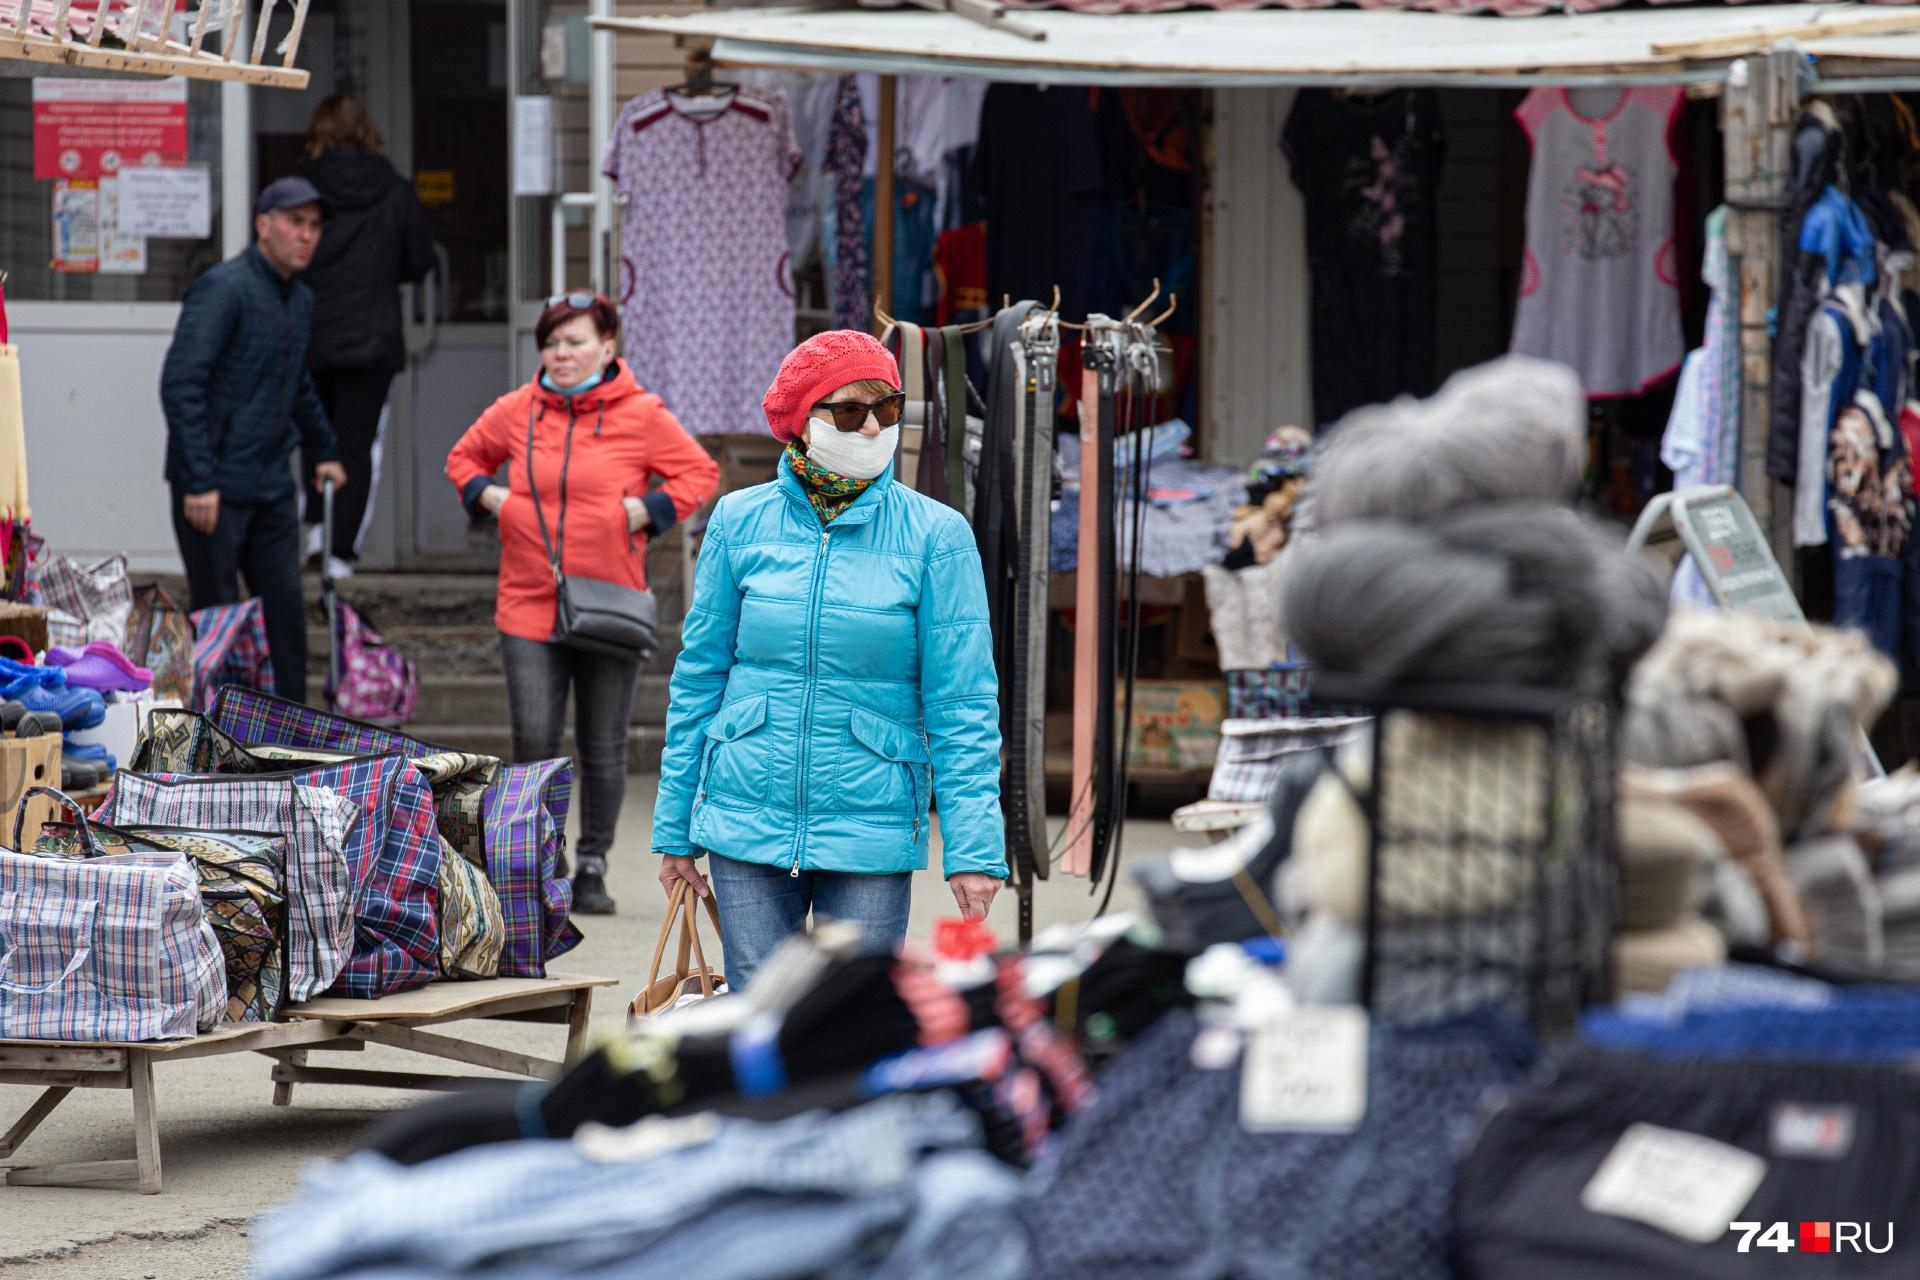 Торговля одеждой и обувью в Челябинской области сейчас возможна только по интернету, но на Первой Пятилетки, 13 об этом, кажется, не слышали